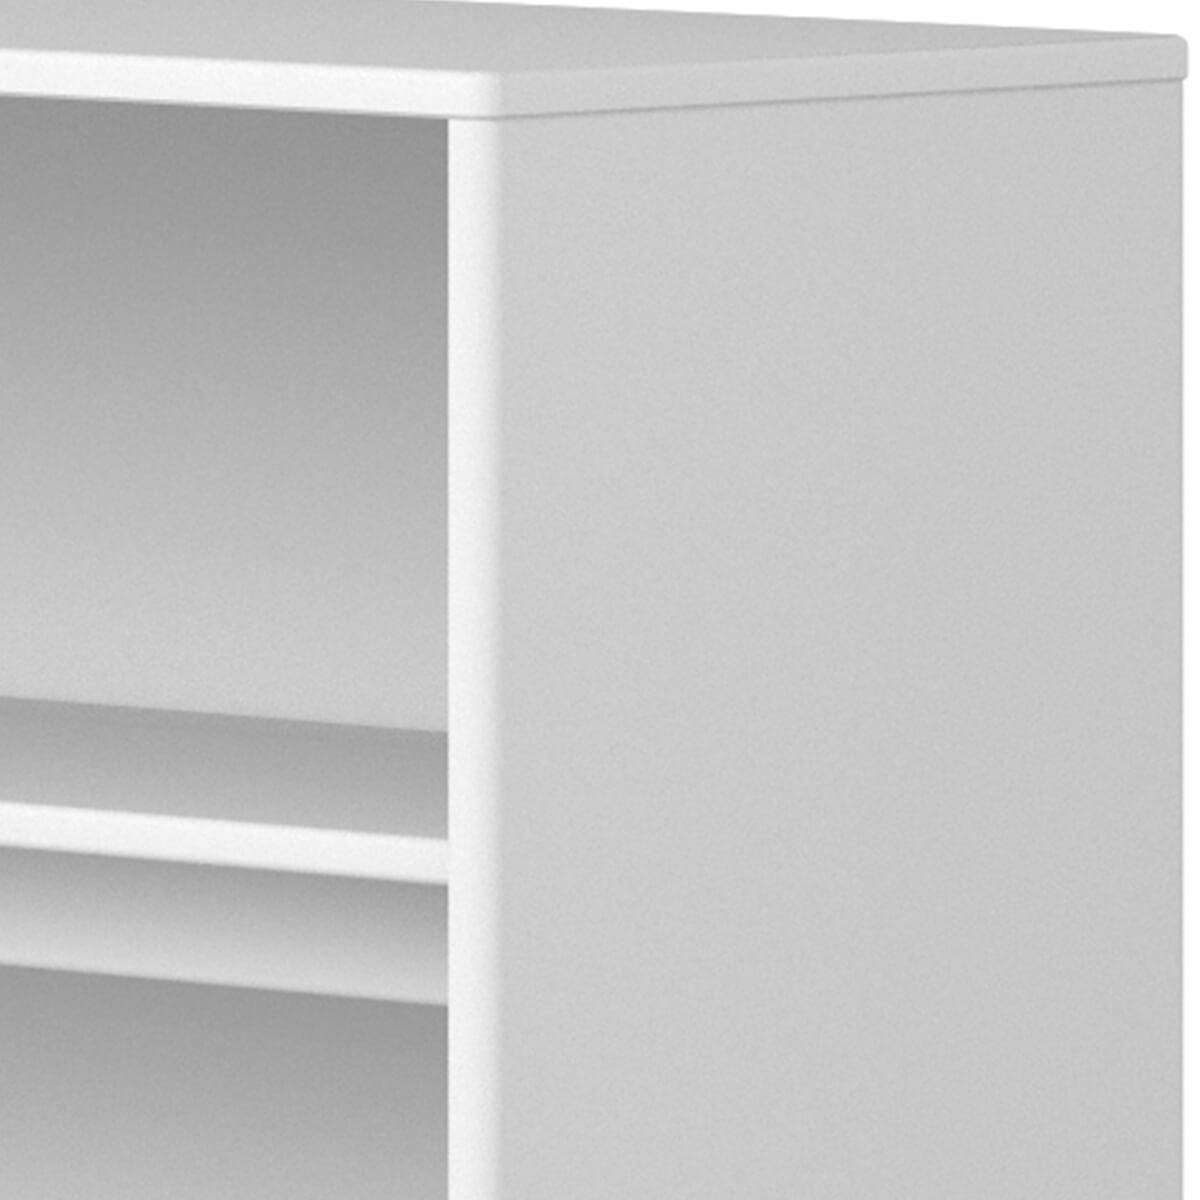 Estantería fijación cama 125x135cm STUDY CABBY Flexa blanco